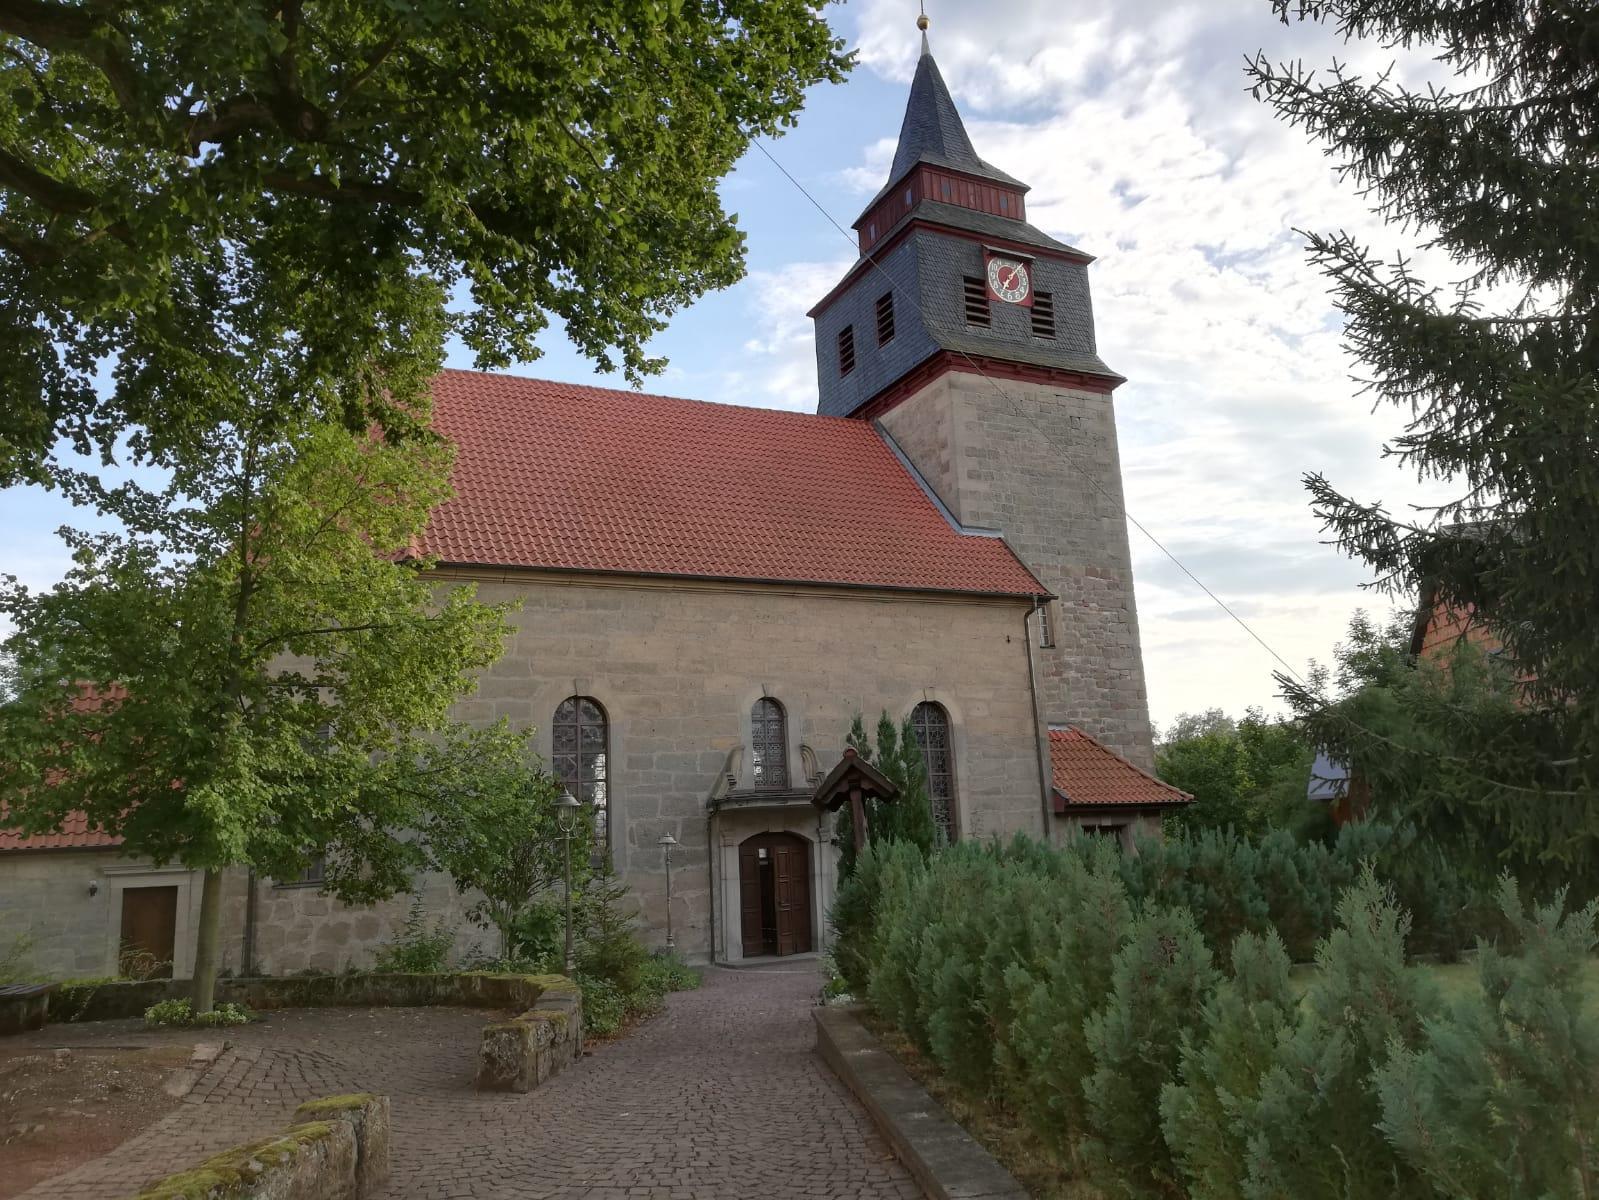 St. Martin Rüstungen